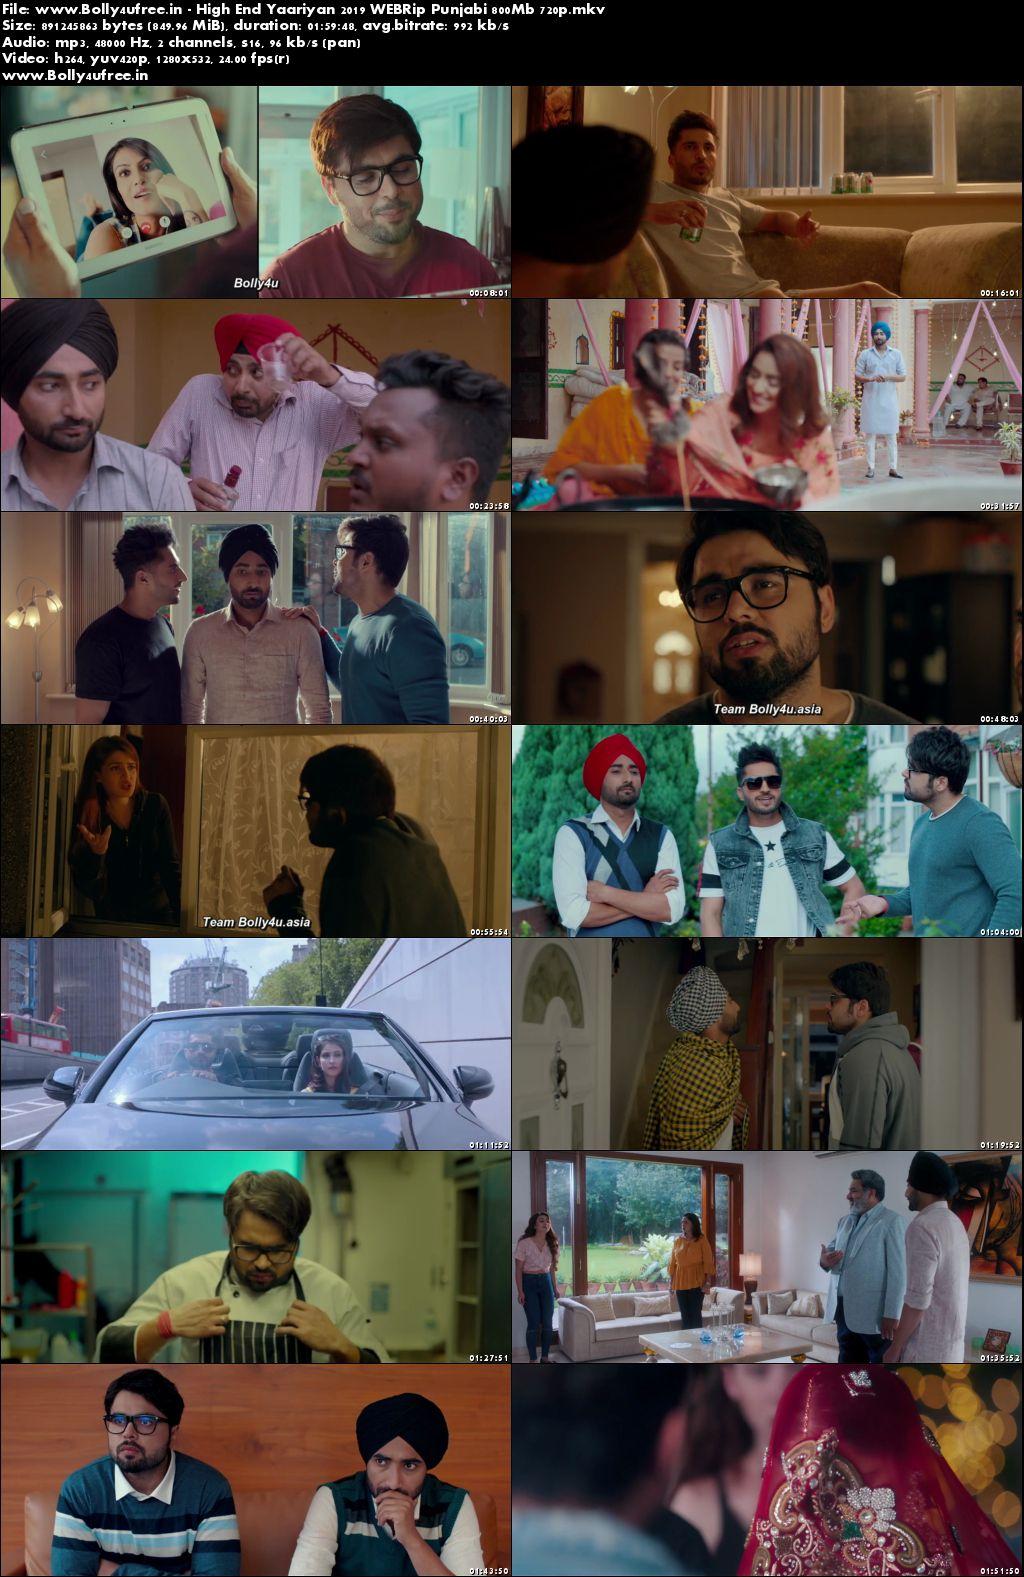 High End Yaariyan 2019 Punjabi Movie Download WEBRip 800Mb 720p